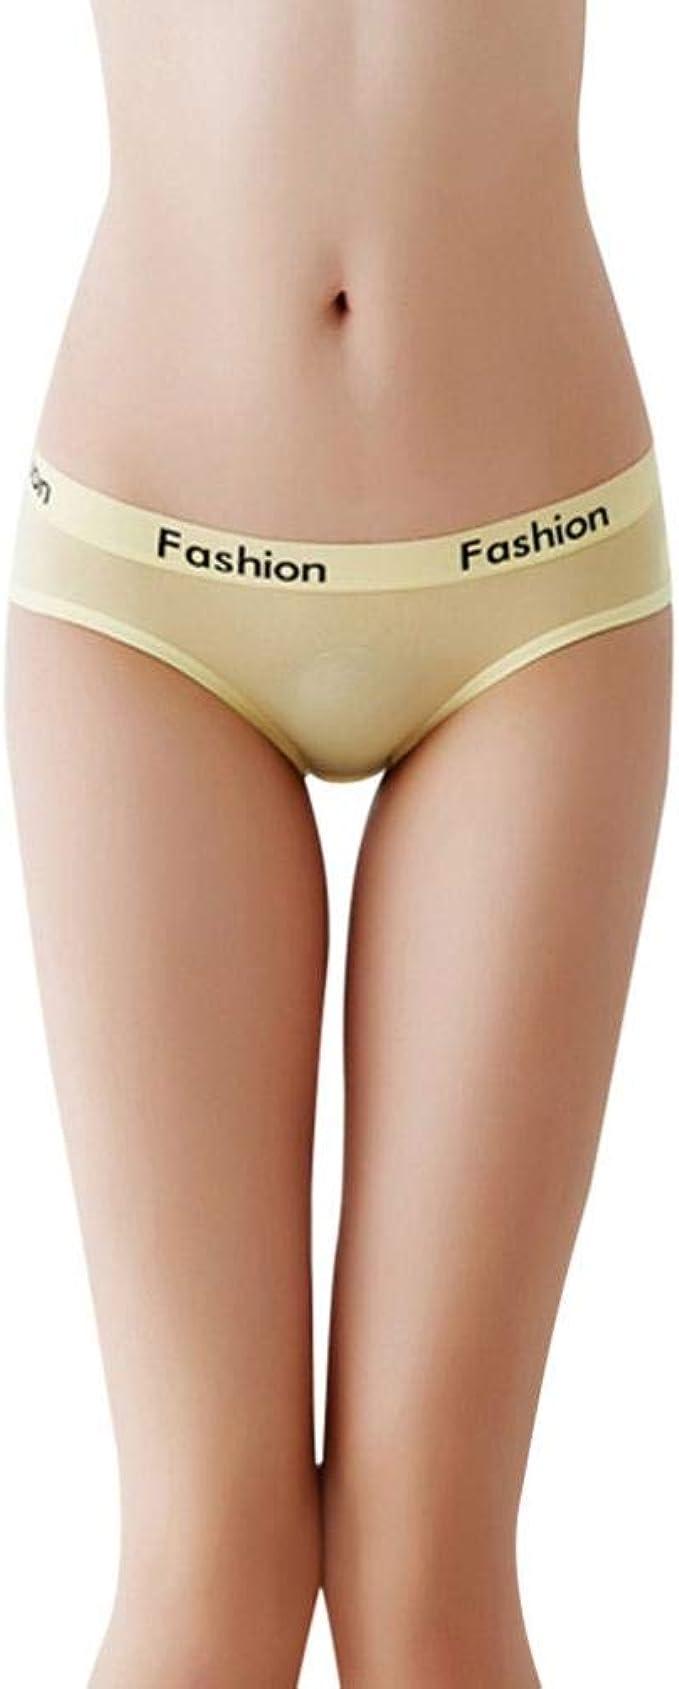 Gusspower Bragas Pantalones de Mujer Algodón Señoras Ropa Interior Sexy Low Rise Calzoncillos de Encaje Bikini Bragas (Amarillo): Amazon.es: Ropa y accesorios